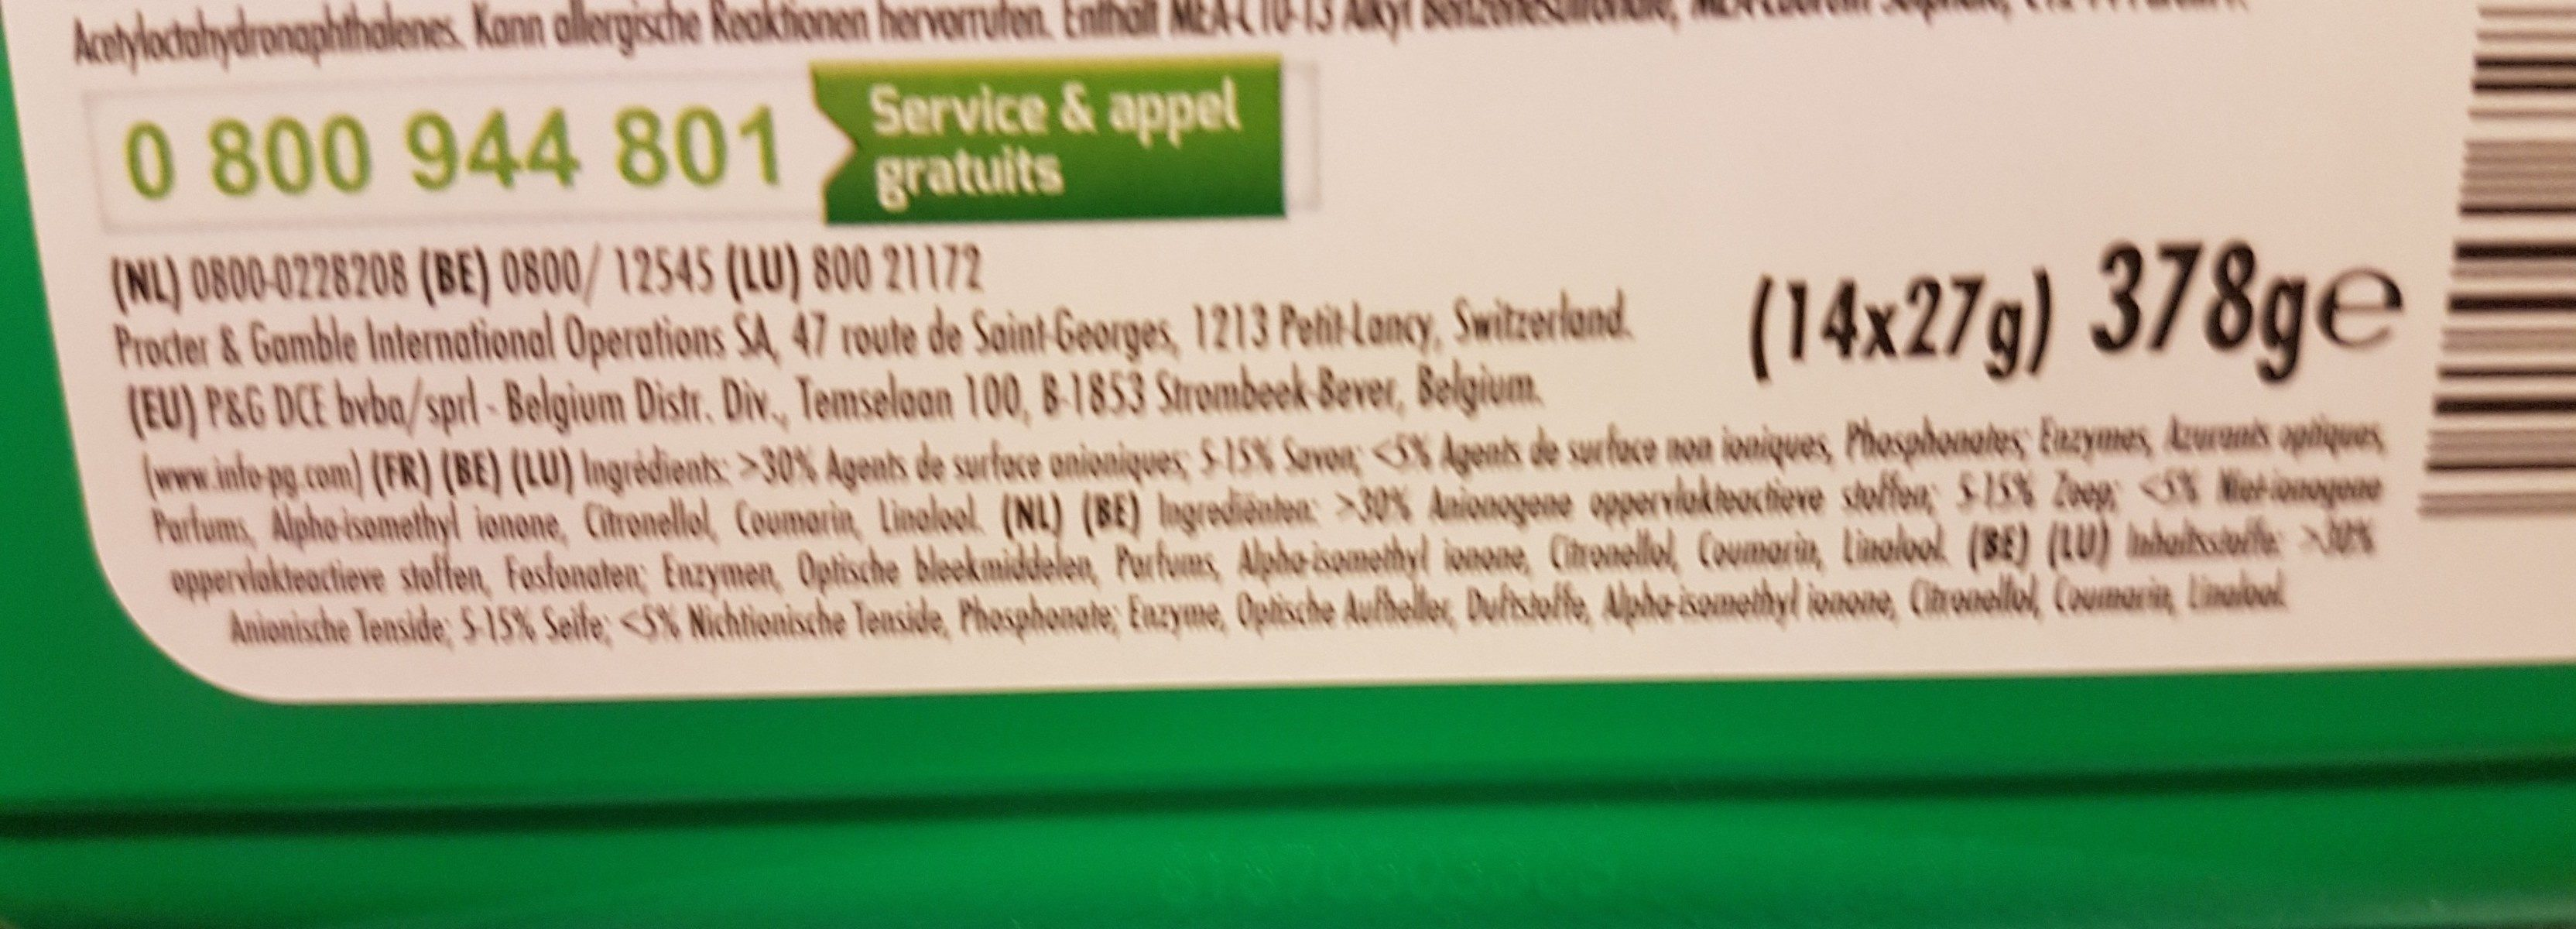 ARIEL PODS 3 EN 1 - Ingrédients - fr